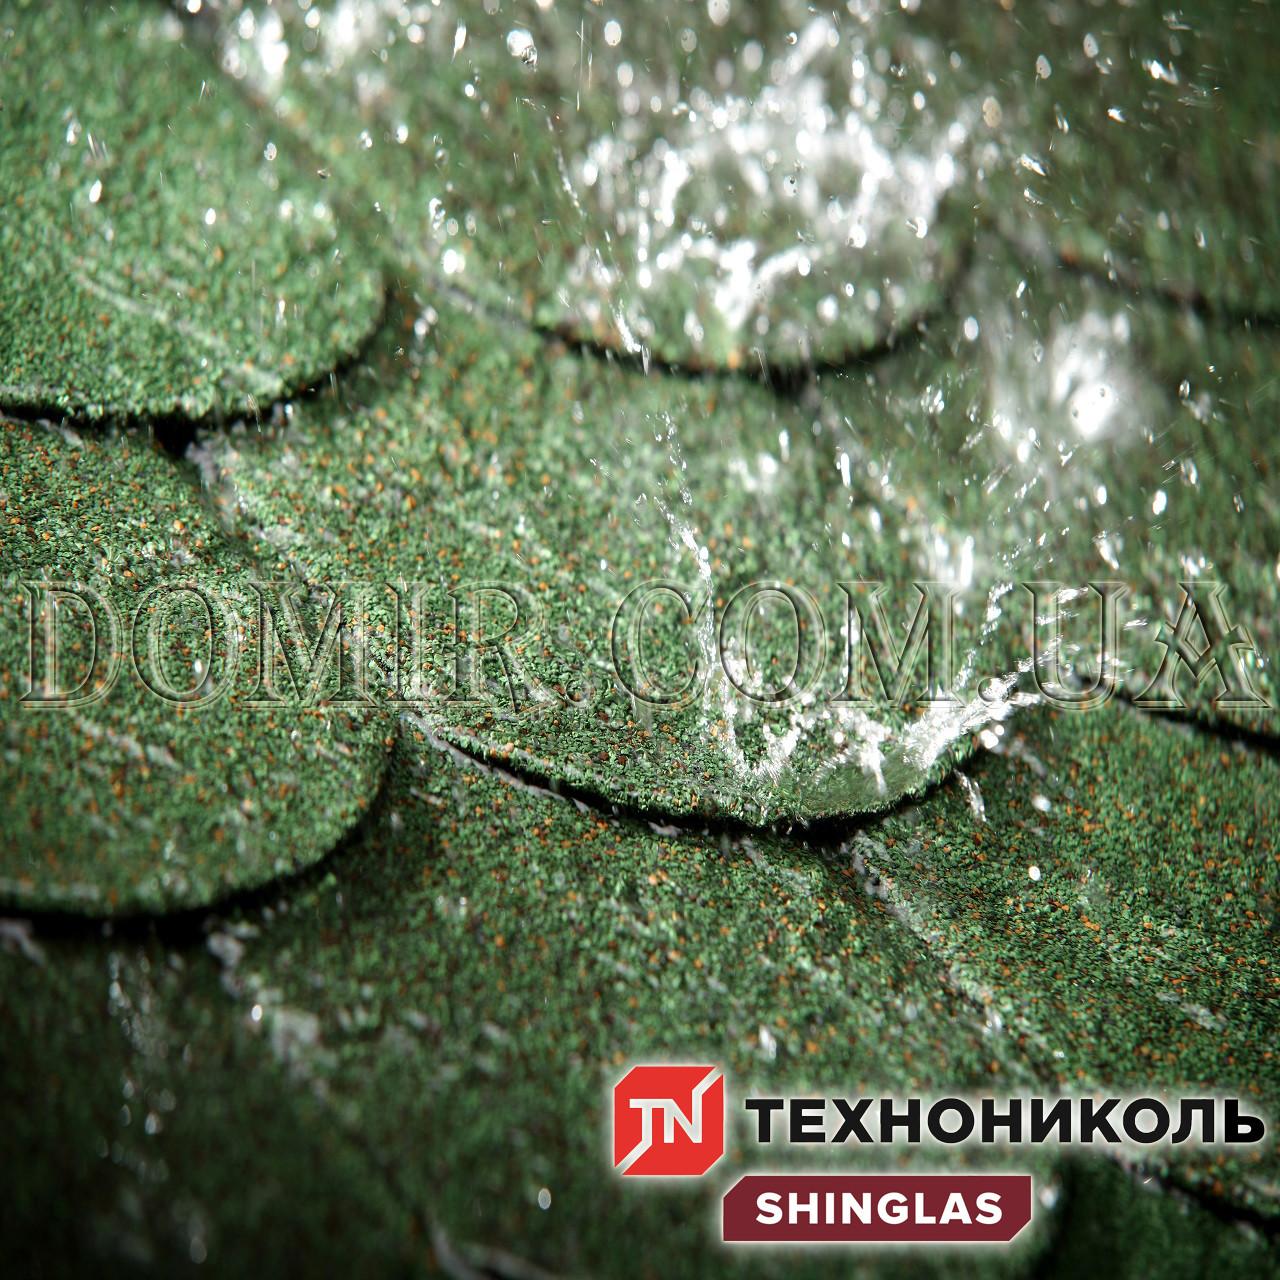 Битумная черепица Shinglas (Технониколь)